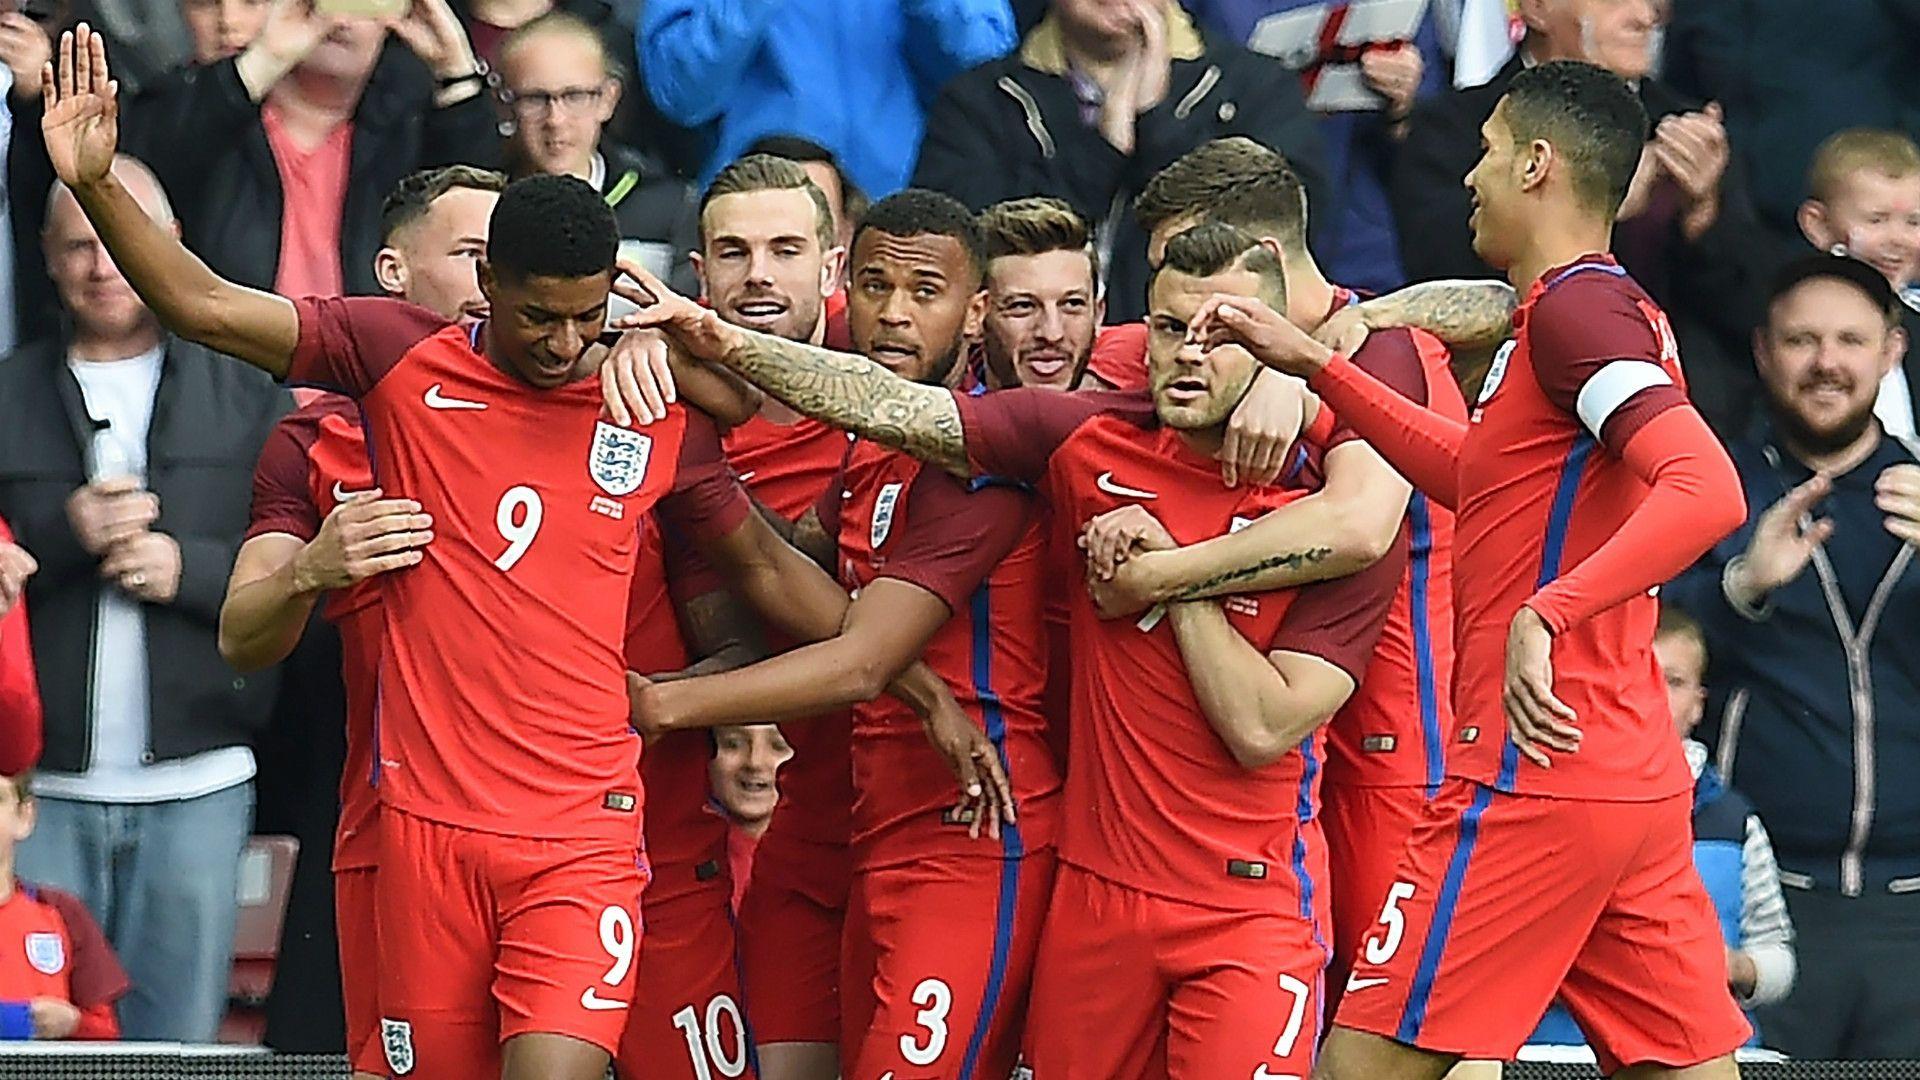 Daftar (Timnas) Skuad Inggris Piala Eropa 2016